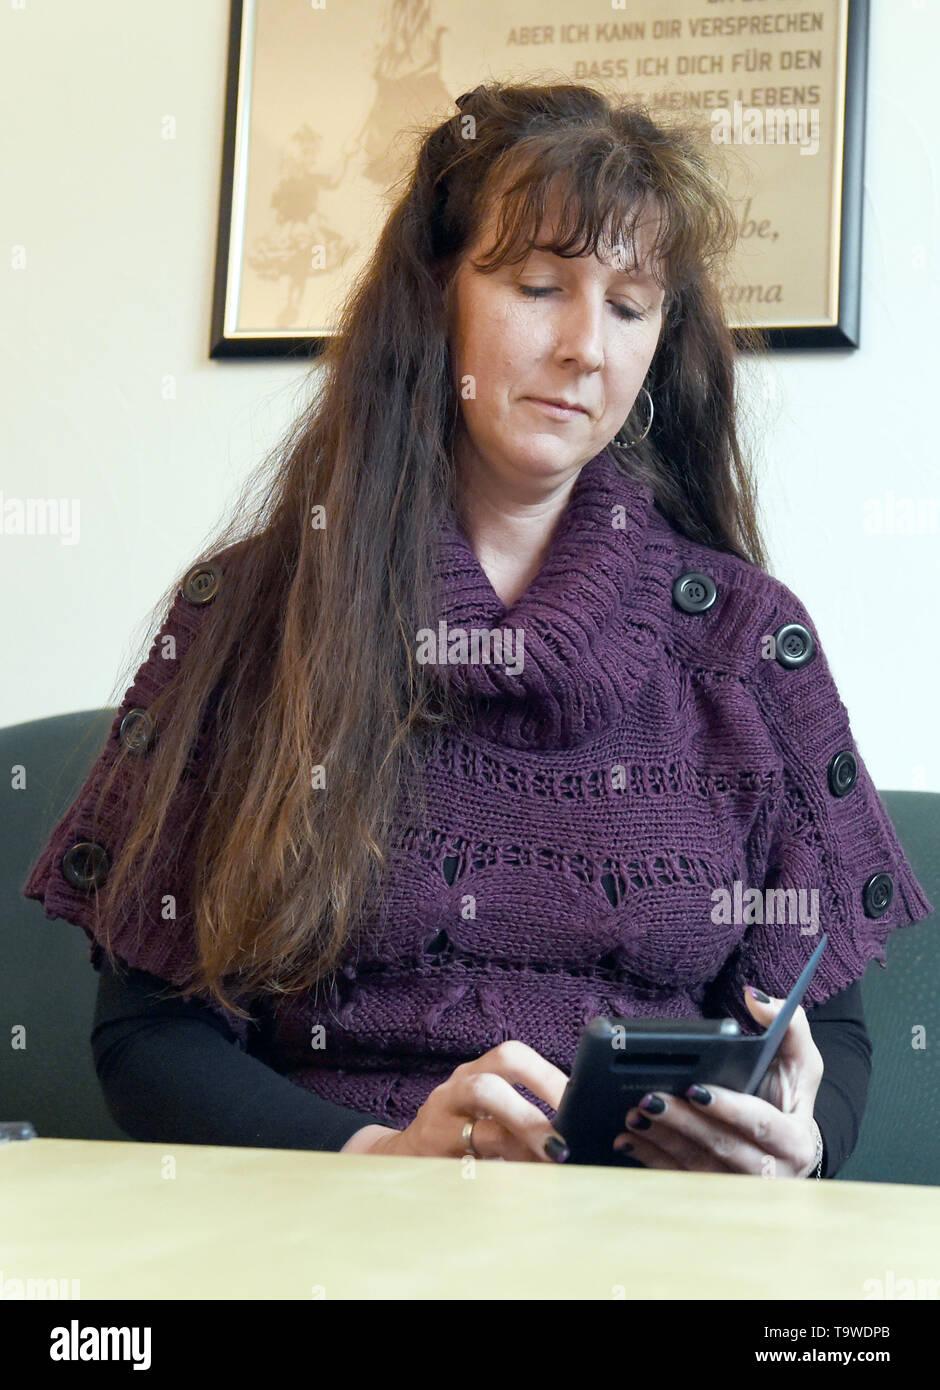 """Berlino, Germania. Il 17 maggio 2019. Viviane Czernietzki opera il suo smartphone al suo usato tavolino, che ella ha ricevuto constelessly provenienti da paesi vicini. La rete nebenan.de ha più di un milione di utenti in Germania, collega vicini gli uni con gli altri e invita il 24 maggio per la giornata dei vicini. (Per """"piattaforma online fornisce per i contatti non in linea tra vicini') Credito: Sven Braun/dpa/Alamy Live News Foto Stock"""